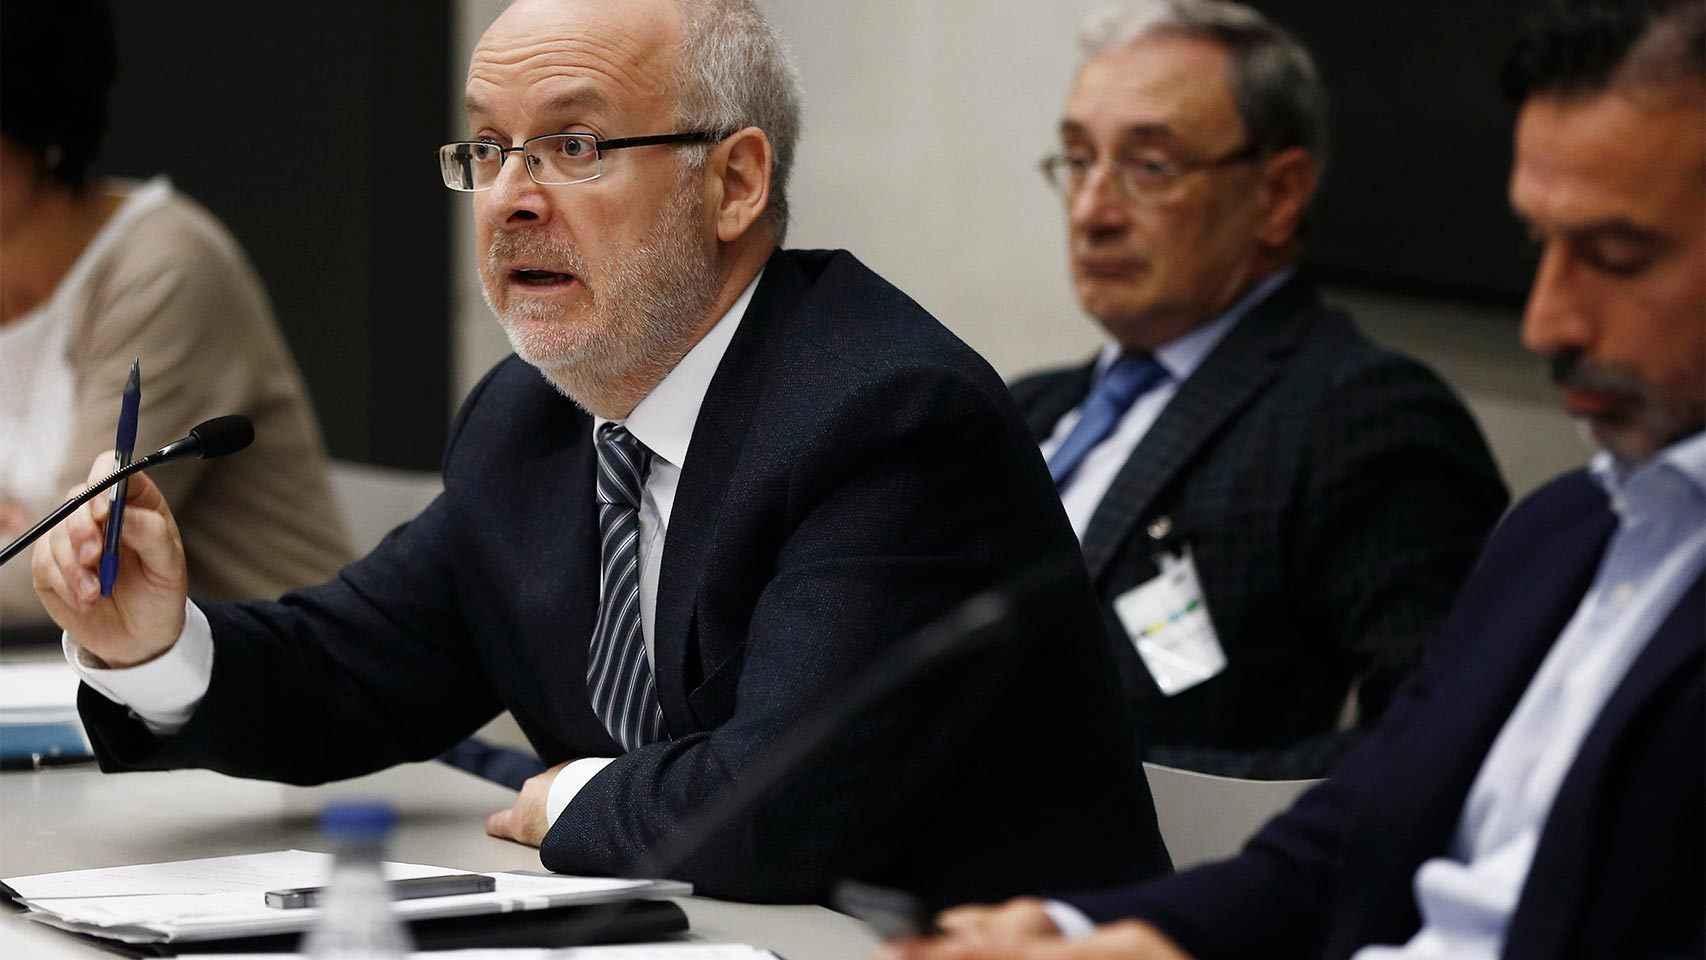 Brauli Duart, presidente de la corporación catalana de medios audiovisuales